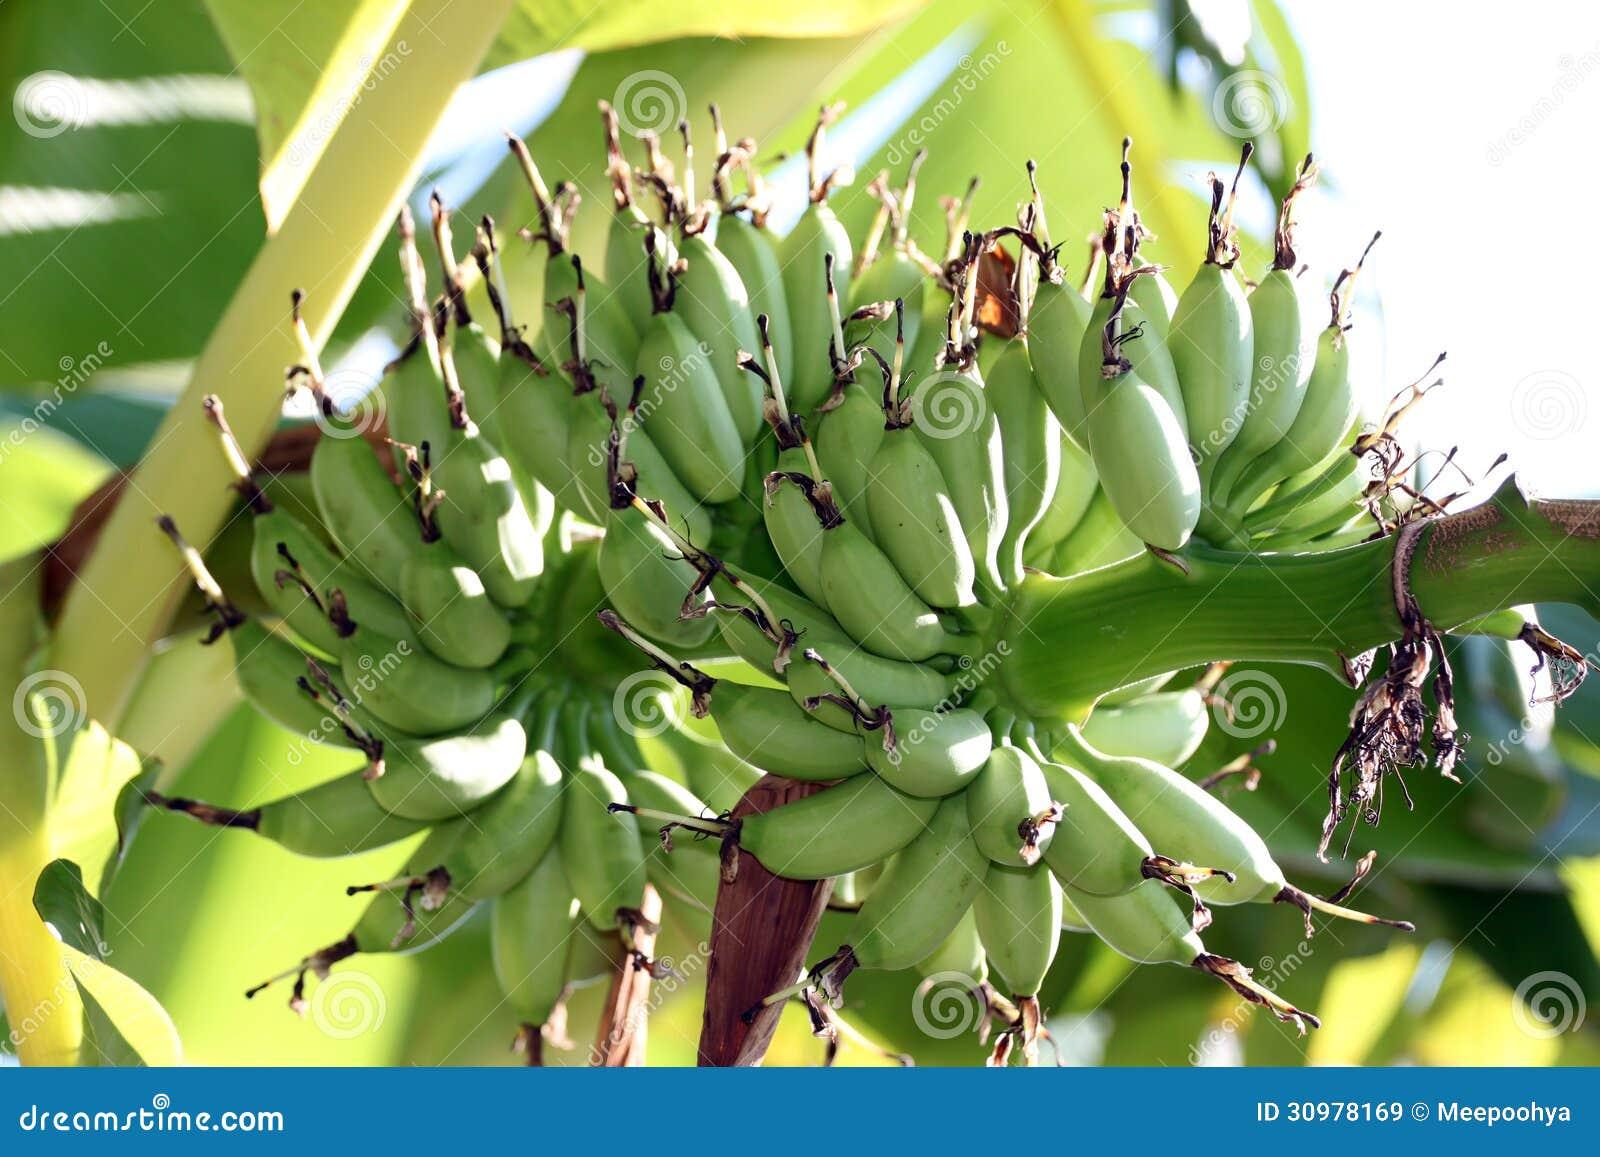 bananen sind eine frucht aber ein nicht reif lizenzfreie stockbilder bild 30978169. Black Bedroom Furniture Sets. Home Design Ideas